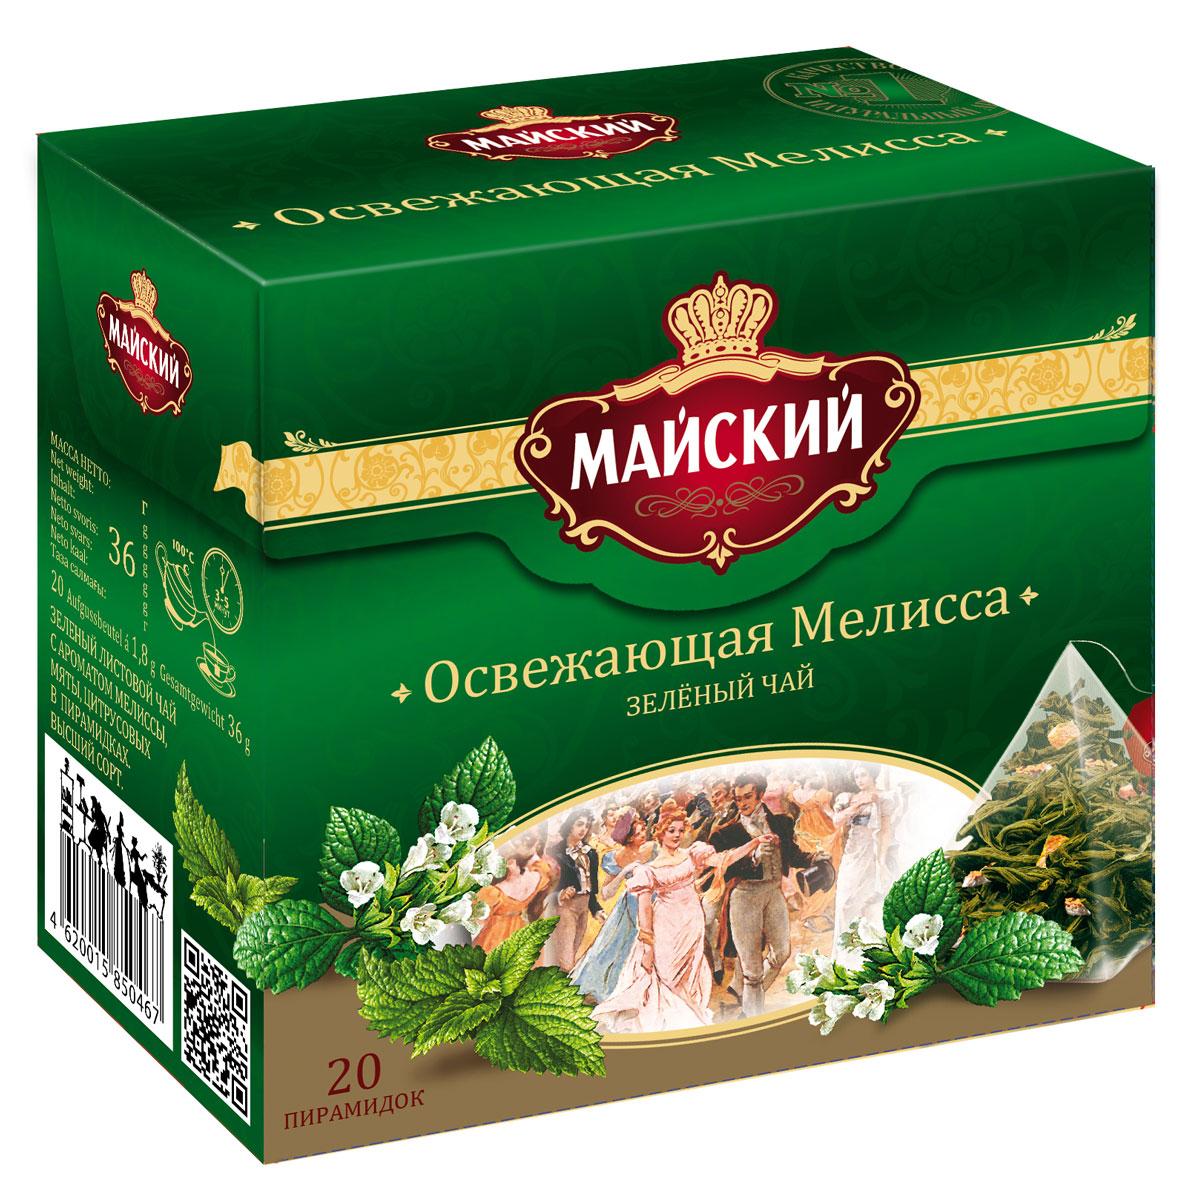 Майский Освежающая Мелисса зеленый чай в пирамидках, 20 шт и майский б шоу и другие воспоминания